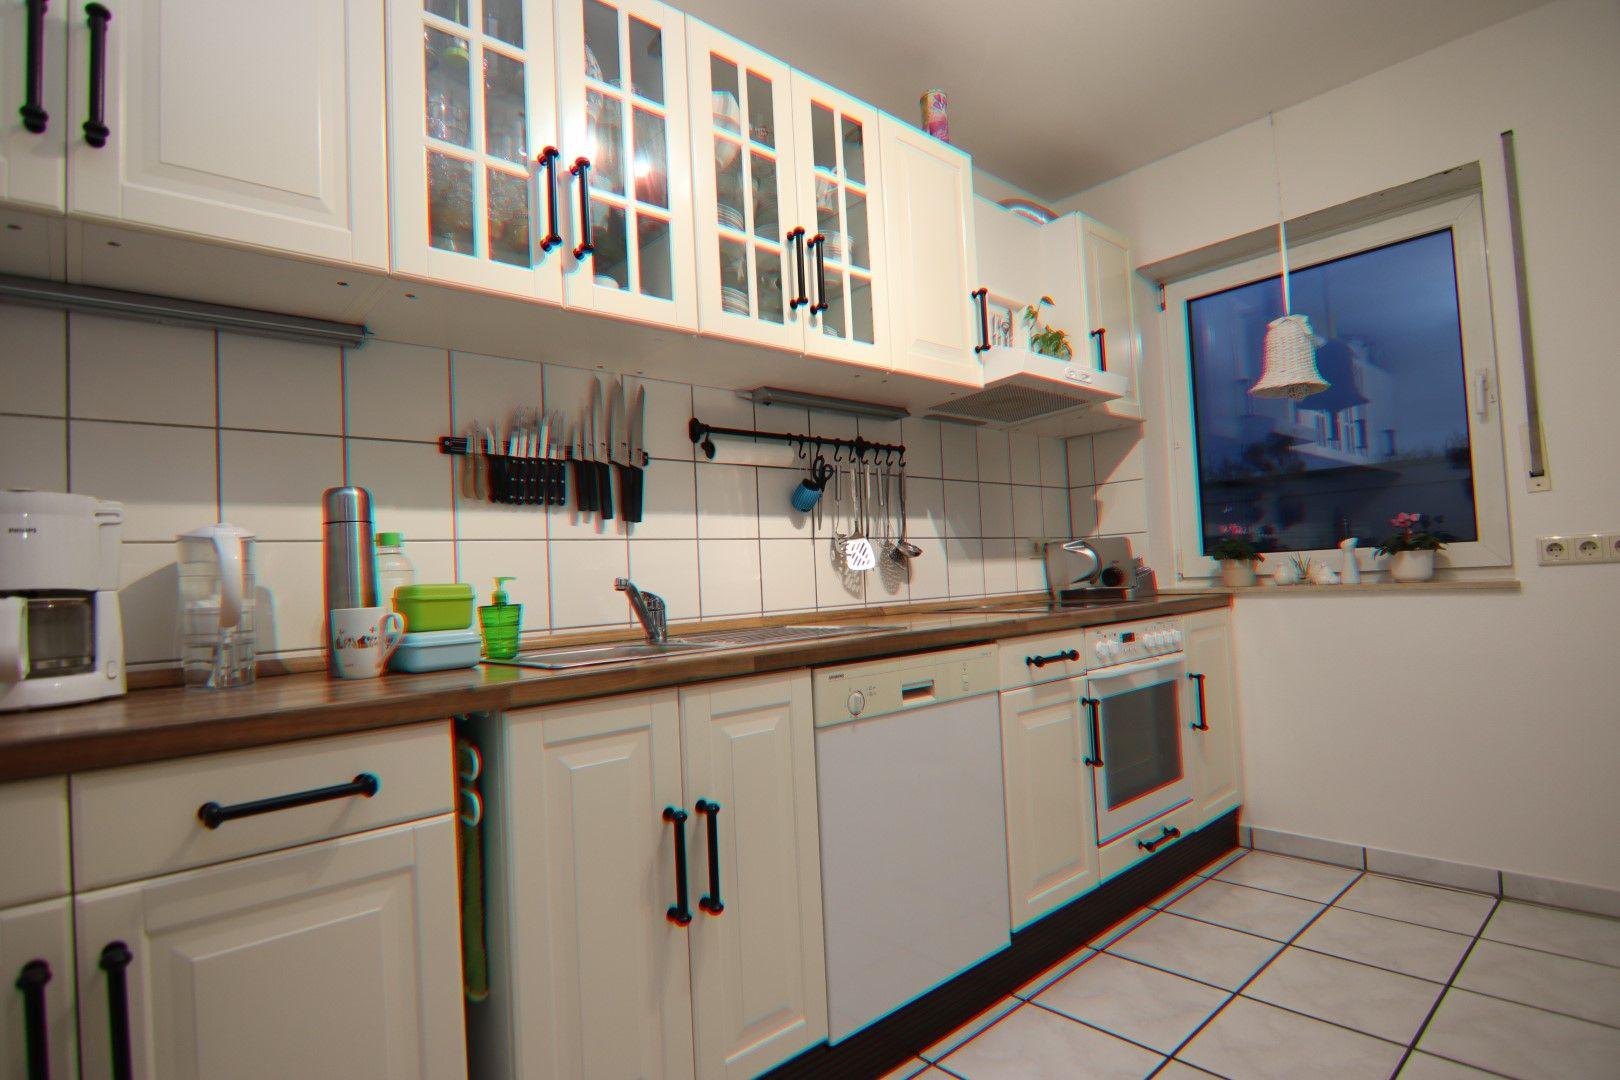 Immobilie Nr.0288 - 4 Zimmer EG-Wohnung mit 2 Bädern und 2 Balkonen - Bild 12.jpg